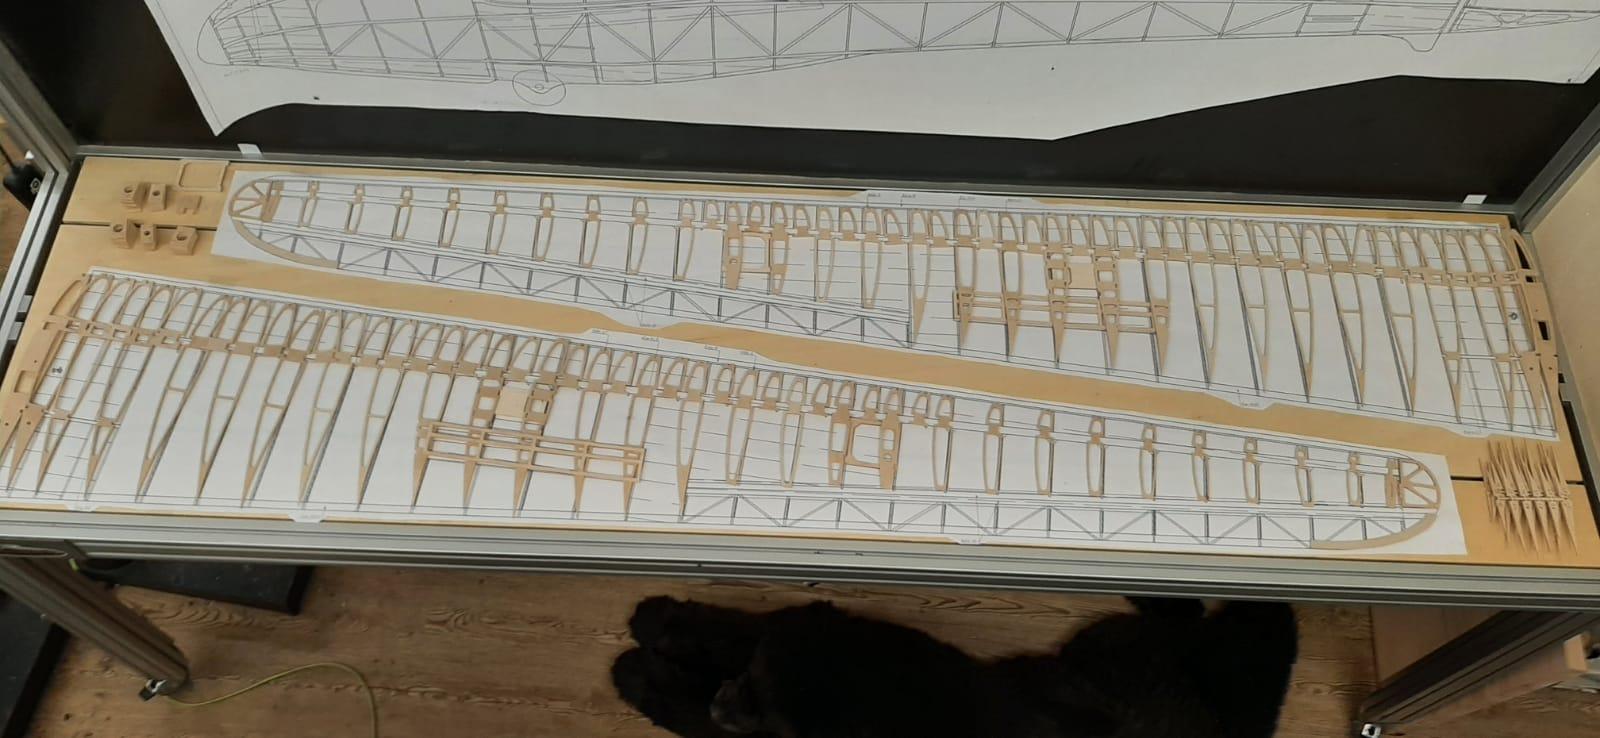 Bauabschnitt1Tragflächen3.jpg